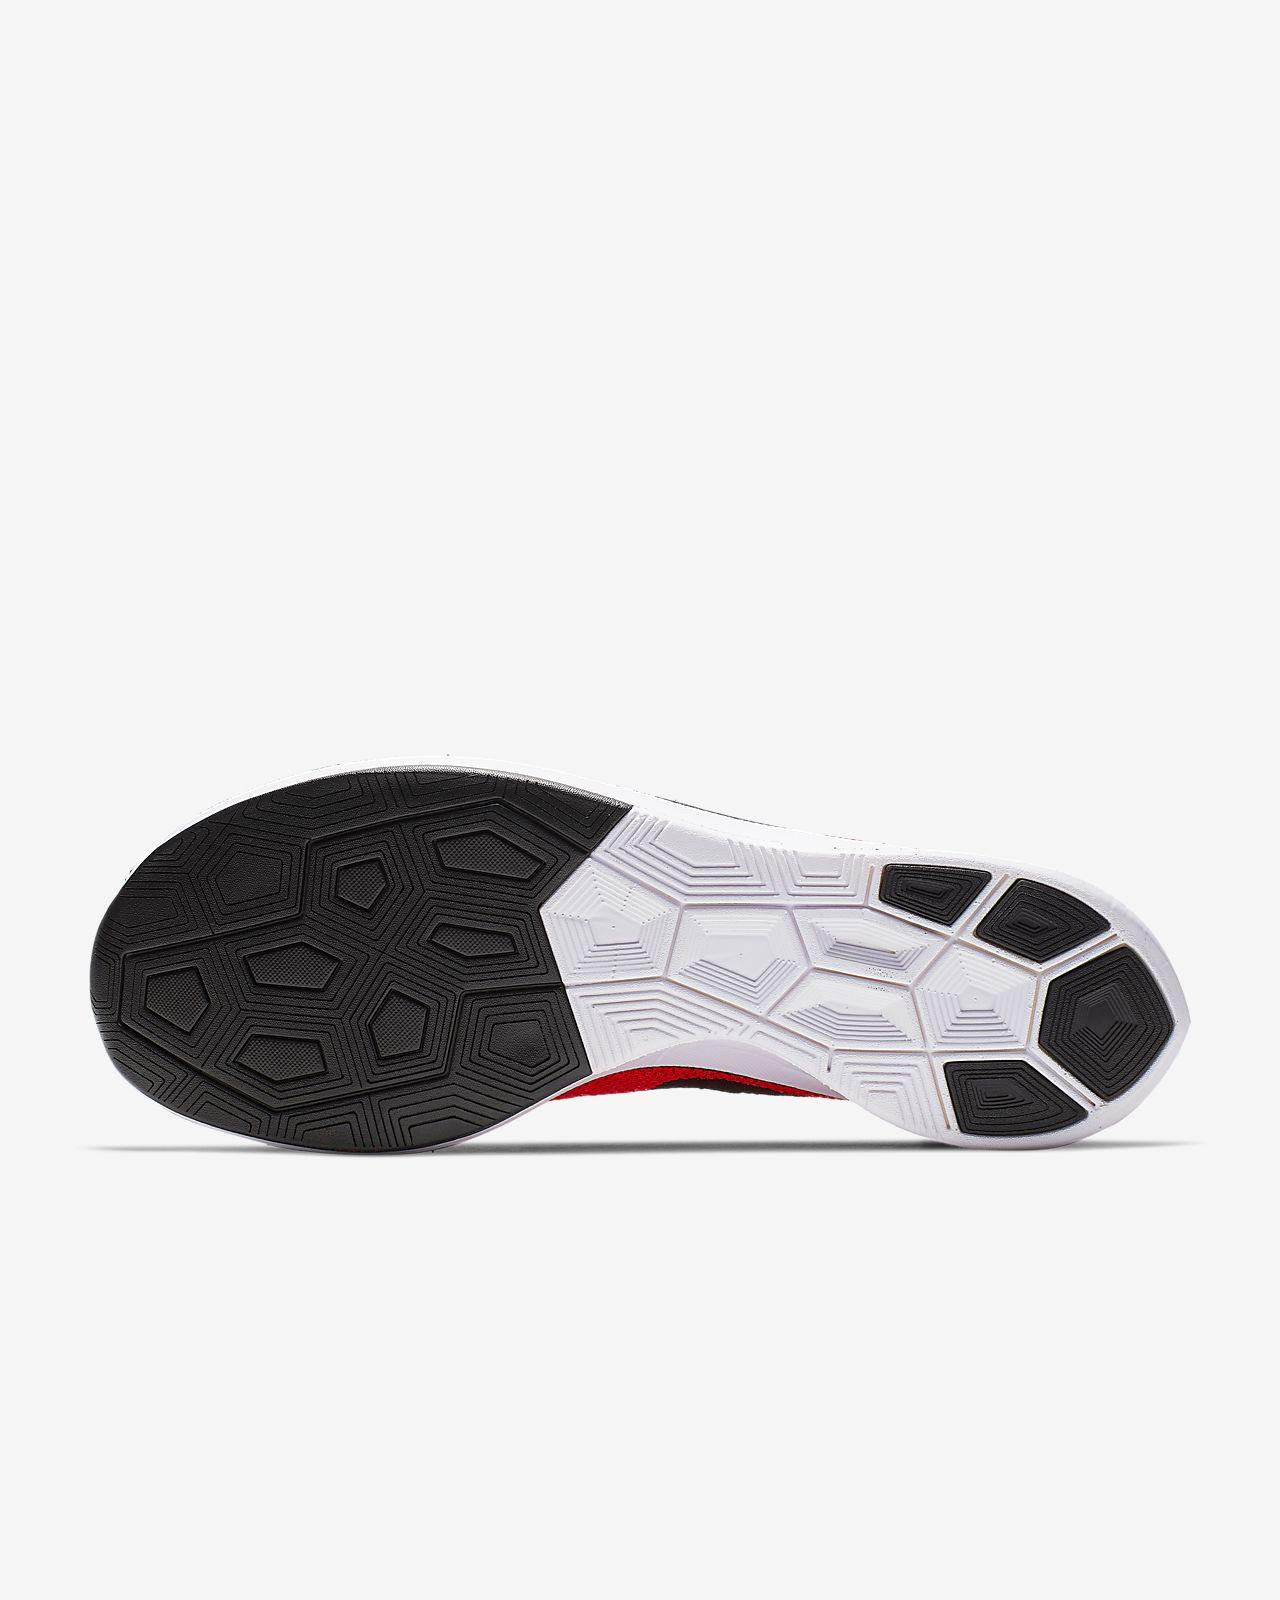 15081ecf4619 Nike Vaporfly 4% Flyknit Running Shoe. Nike.com ZA